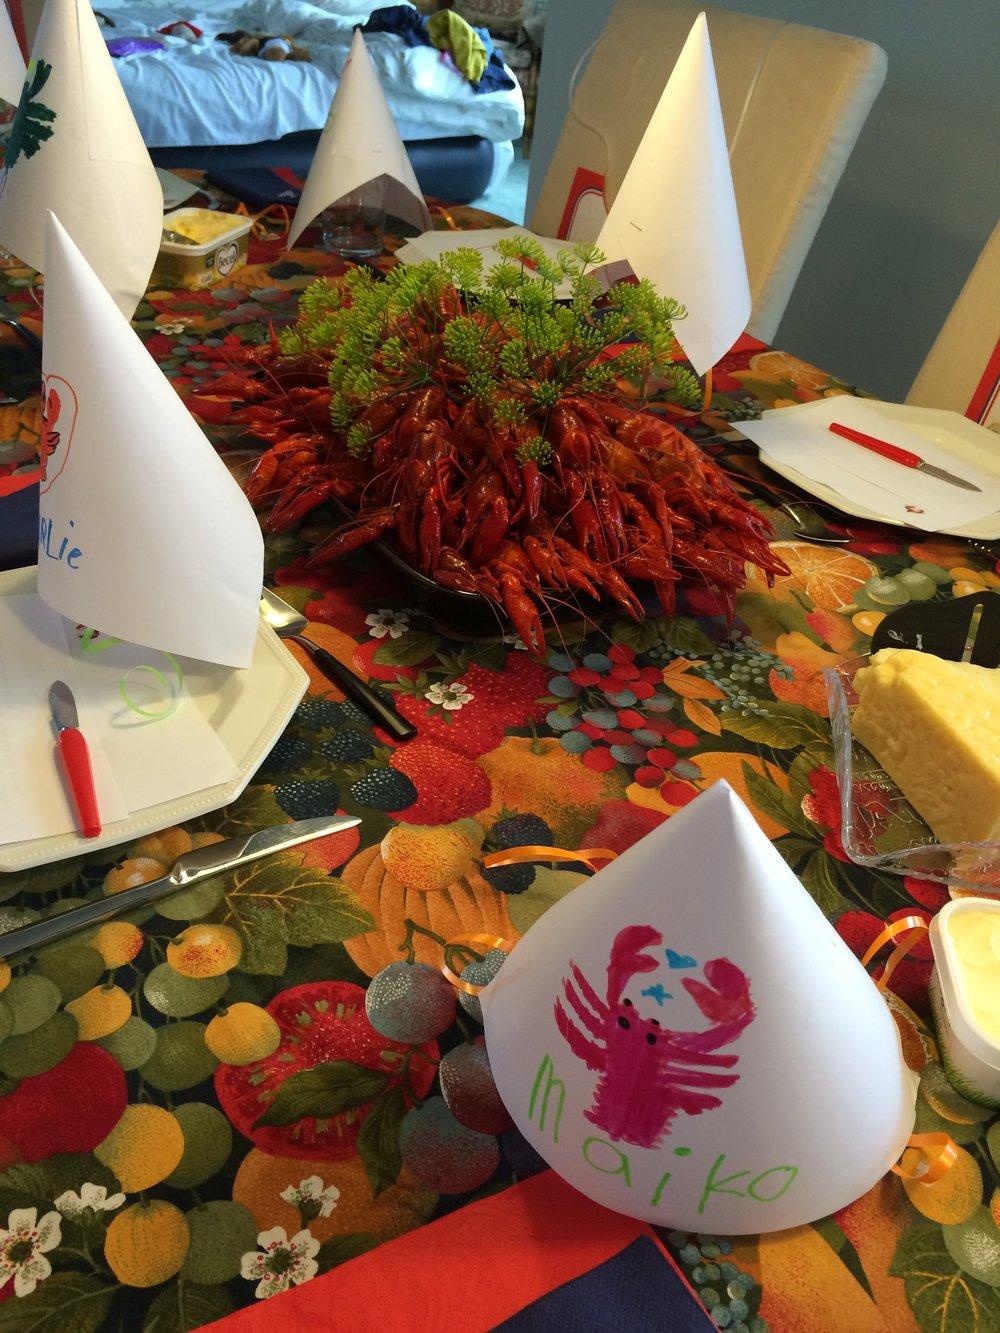 テーブルセッティングもばっちり! 手作りの帽子をかぶりエプロンをして食べます^^